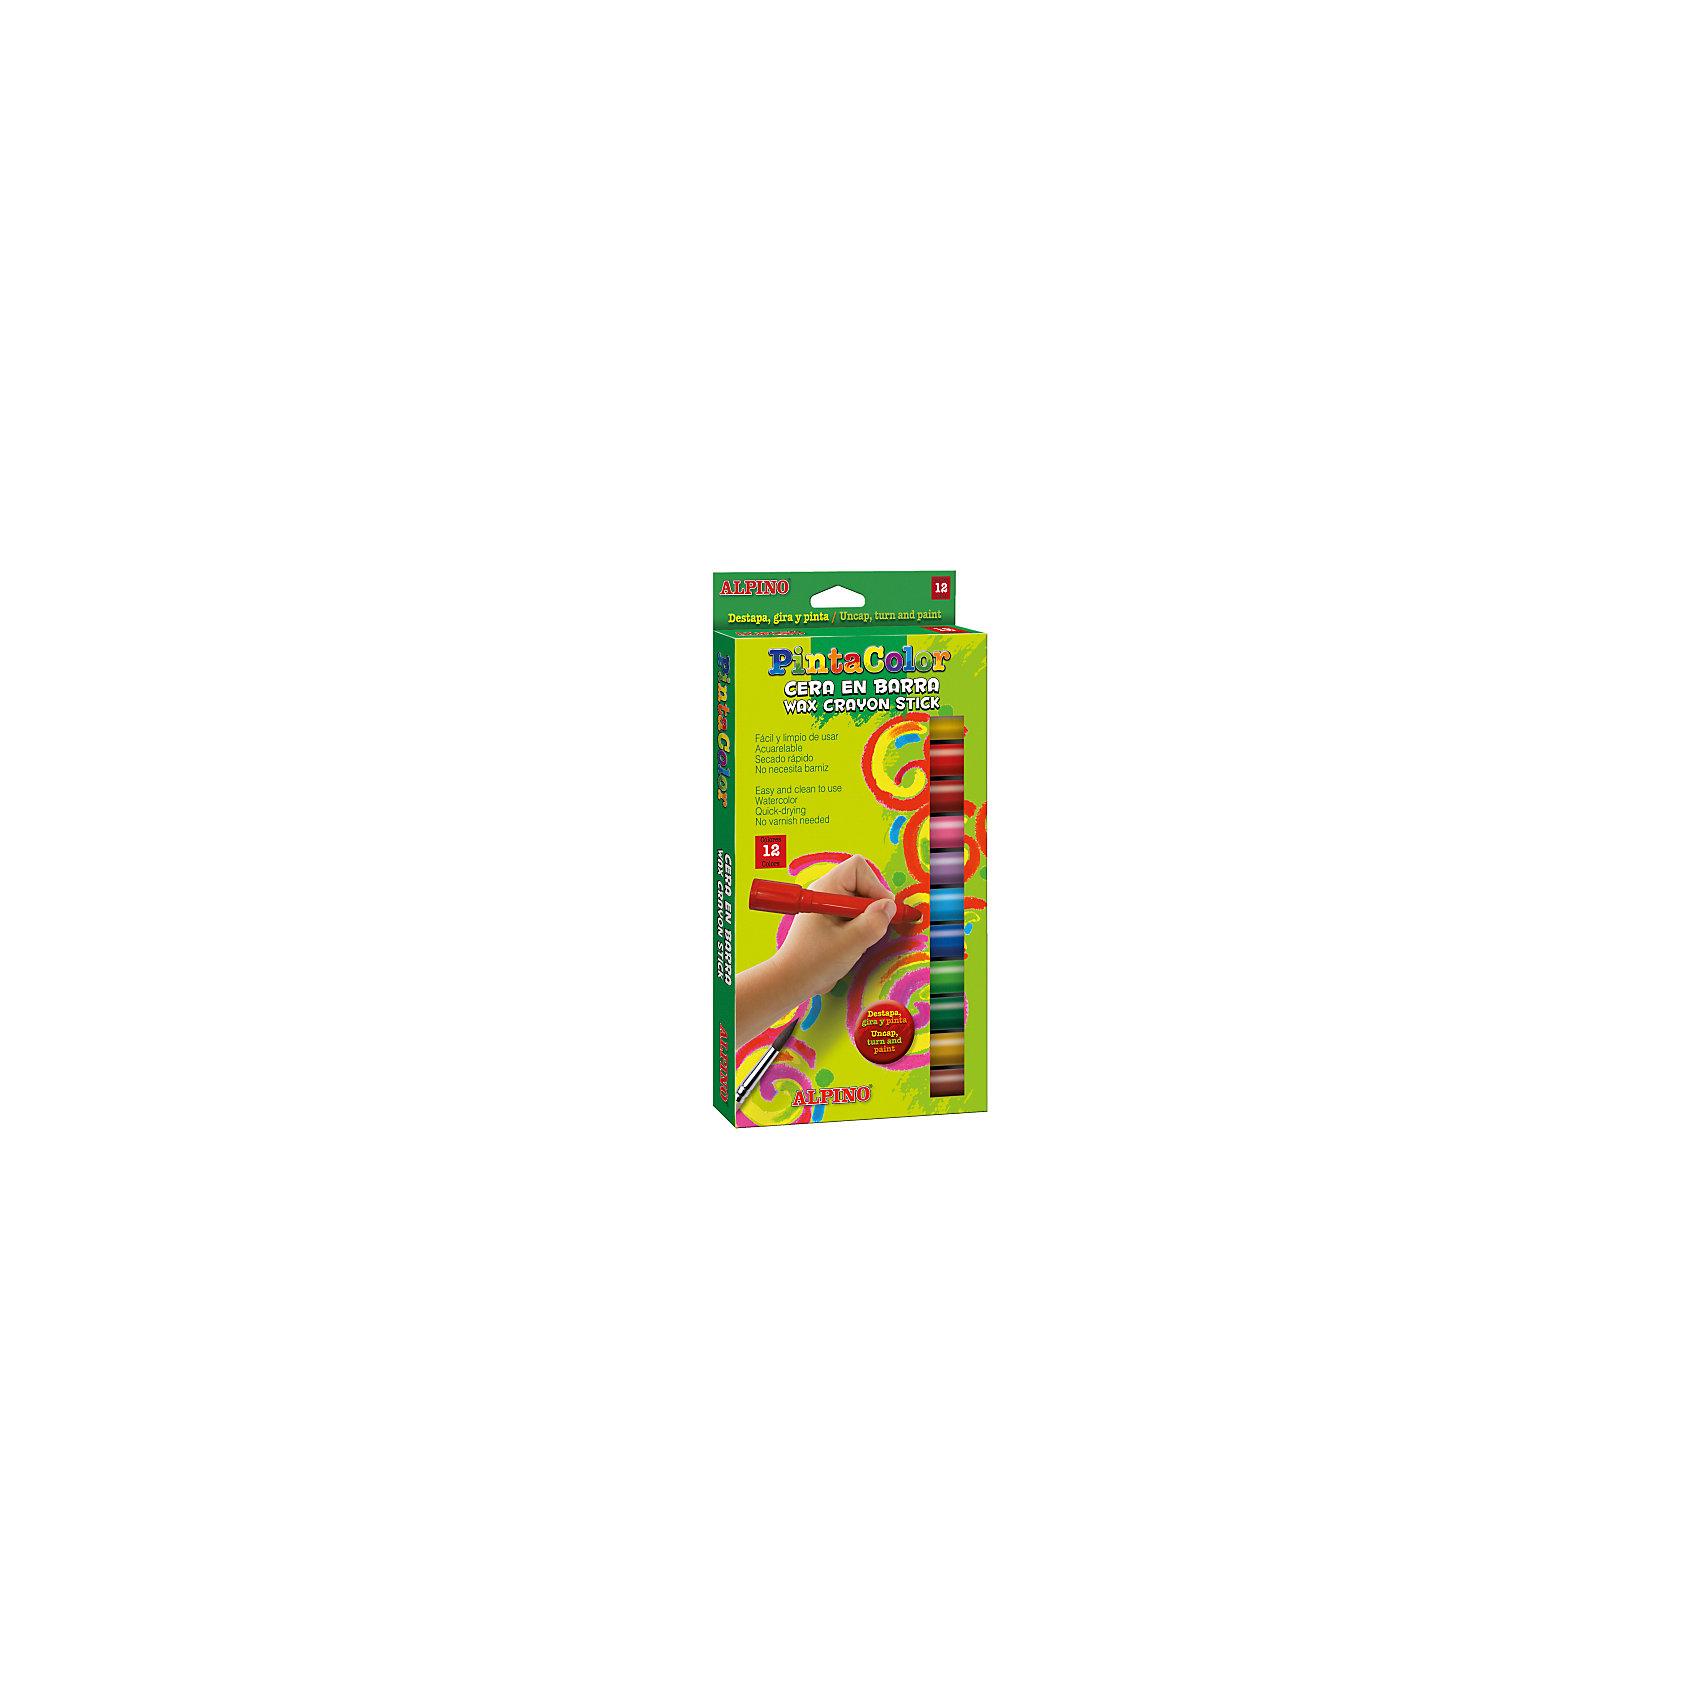 Восковые акварельные карандаши PINTACOLOR в пластиковом корпусе, 12 цв.Рисование<br>Изготовлены по европейским стандартам качества (CE, EN 71, ISO 14021).<br>Экологически чистый материал без аллергических компонентов на основе натурального воска (Non-Allergic).<br>Повышенная мягкость, большой ресурс использования.<br>Чистые, яркие и насыщенные цвета. Отсутствие слоистости и равномерное окрашивание. Совмещают свойства восковых карандашей и акварельных красок. При размывании водой карандашный рисунок превращается в акварельный с эффектом шёлкового перелива цветов.<br>Рекомендуются опытными педагогами для развития навыков изобразительного творчества. Идеально подходят для начертания хорошо видимых линий и при закрашивании больших поверхностей. Замечательно рисуют на бумаге, картоне, ватмане, деревянных, глиняных и других шероховатых поверхностях.<br>Антискользящий пластиковый корпус с выдвижным стержнем. Привлекательный внешний вид.<br>Водоустойчивые и устойчивые к ломке, не пачкают руки, стираются обычным ластиком.<br>Очень легко затачиваются.<br>Смываются с кожи без применения мыла, легко отстирываются с большинства обычных тканей.<br>Упаковка с европетлей<br>Производитель: ALPINO (Испания)<br><br>Ширина мм: 150<br>Глубина мм: 20<br>Высота мм: 295<br>Вес г: 260<br>Возраст от месяцев: 36<br>Возраст до месяцев: 120<br>Пол: Унисекс<br>Возраст: Детский<br>SKU: 5389793